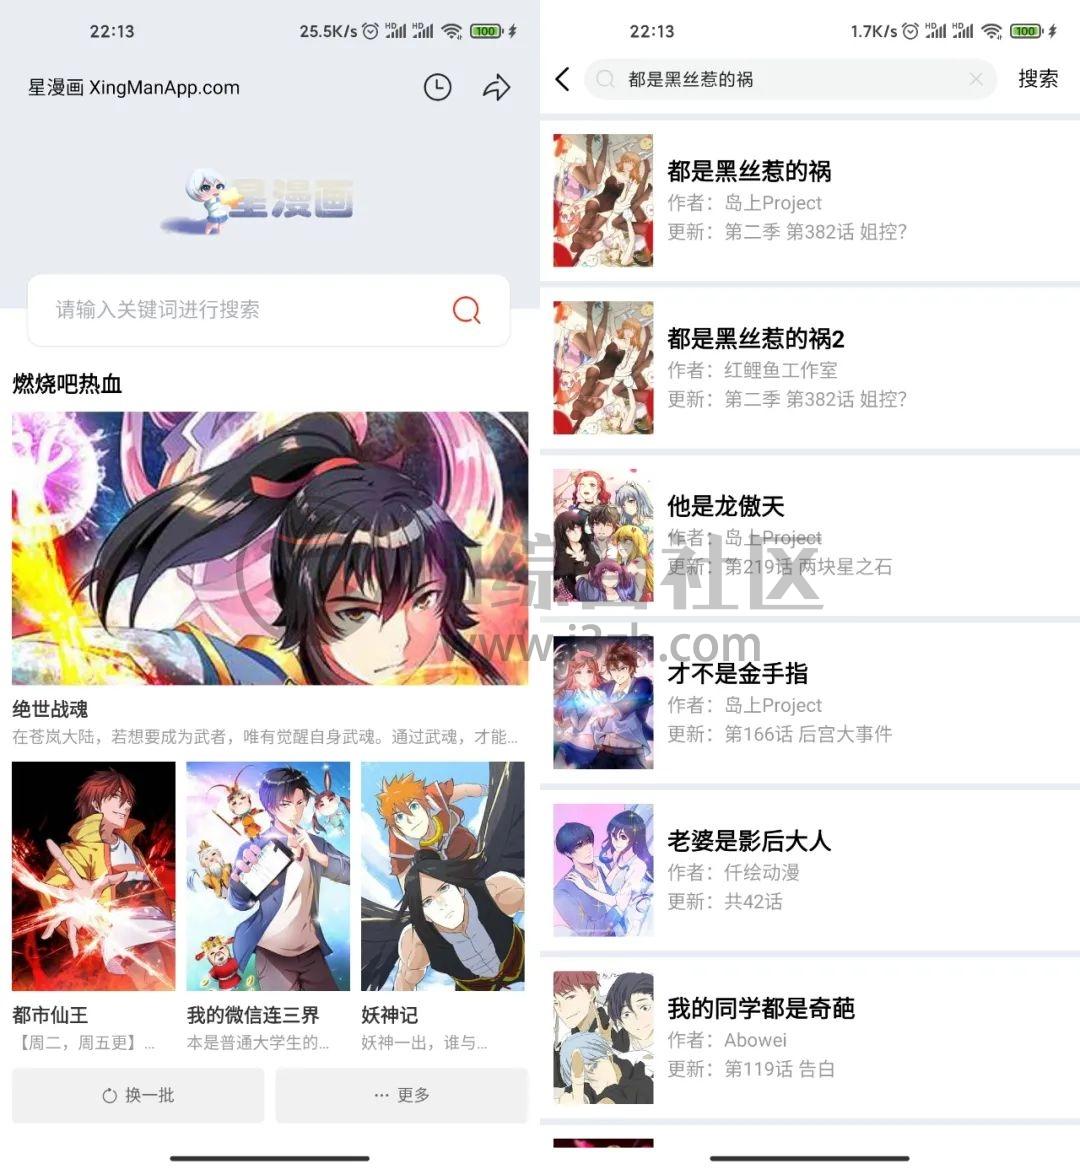 """星漫画App,""""都是黑丝惹的祸""""?答应我,千万不要乱搜!-i3综合社区"""